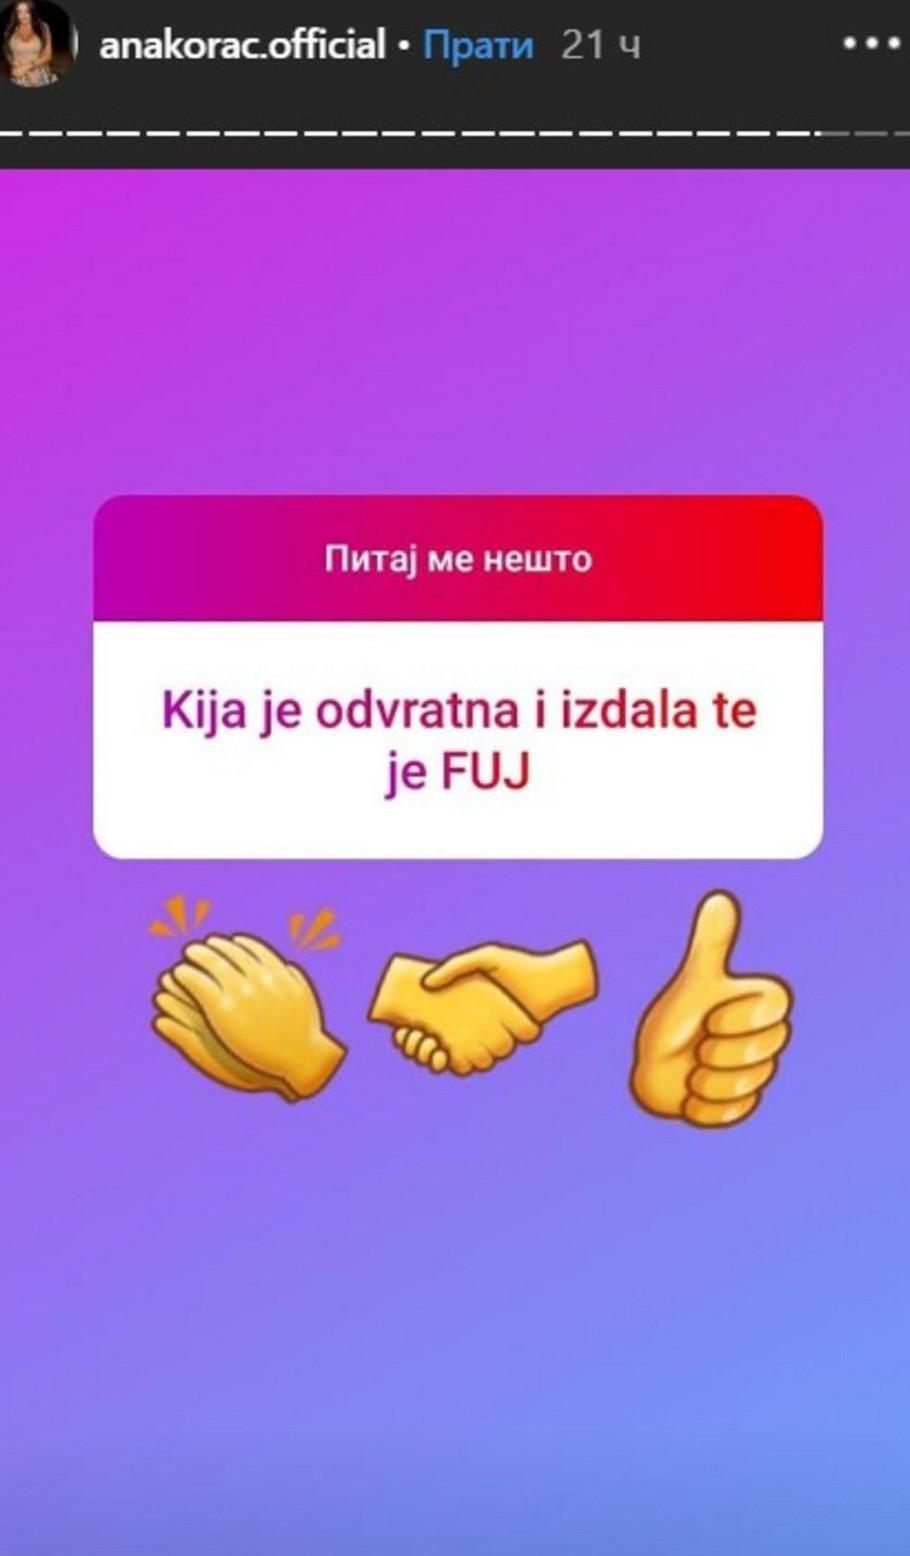 Ana Korać